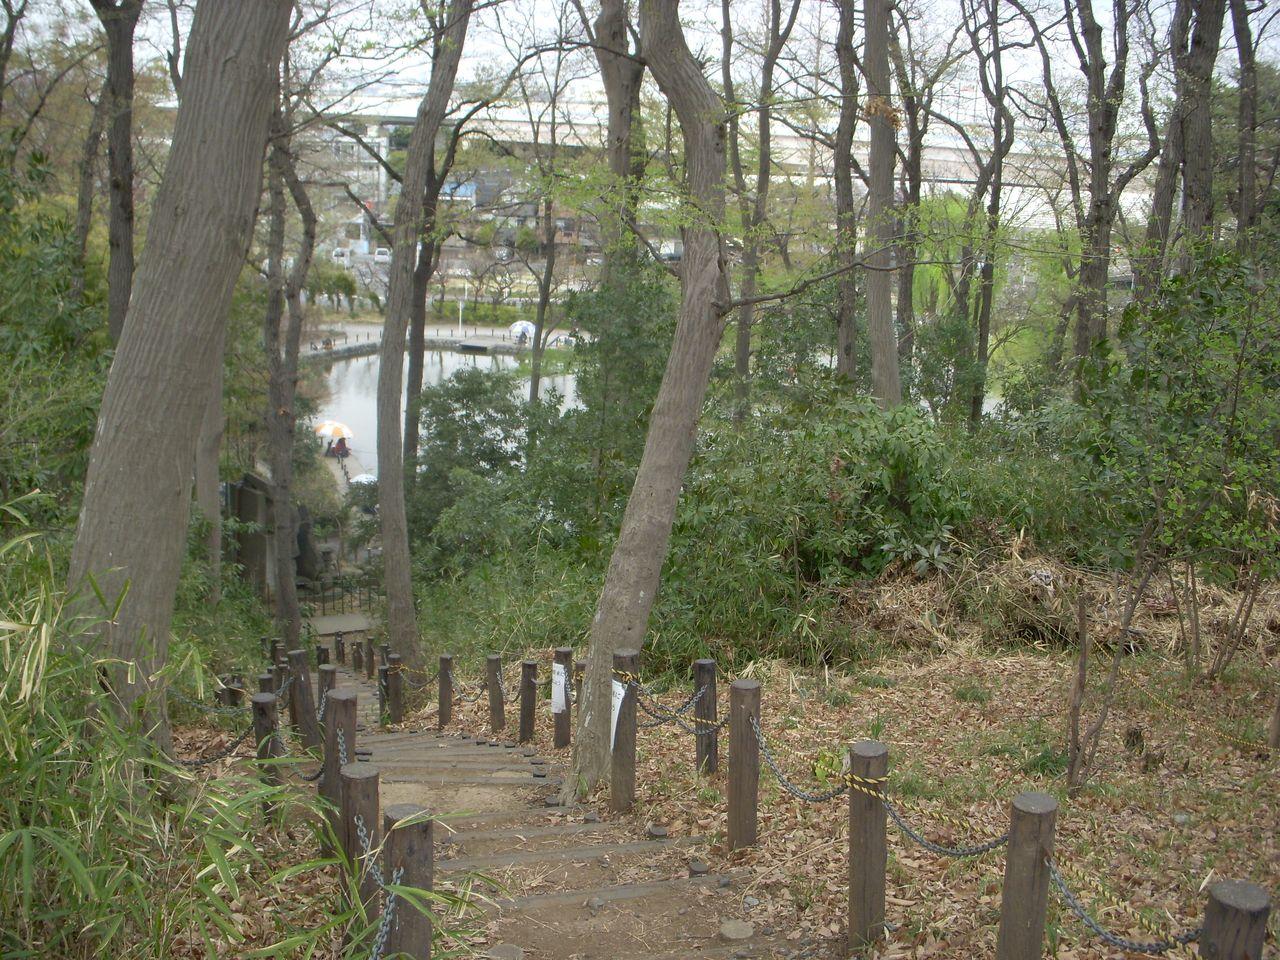 《赤塚城跡~赤塚溜池公園の通路》 西高島平駅から徒歩の方、バス利用の方はこちらの方が早く着きます